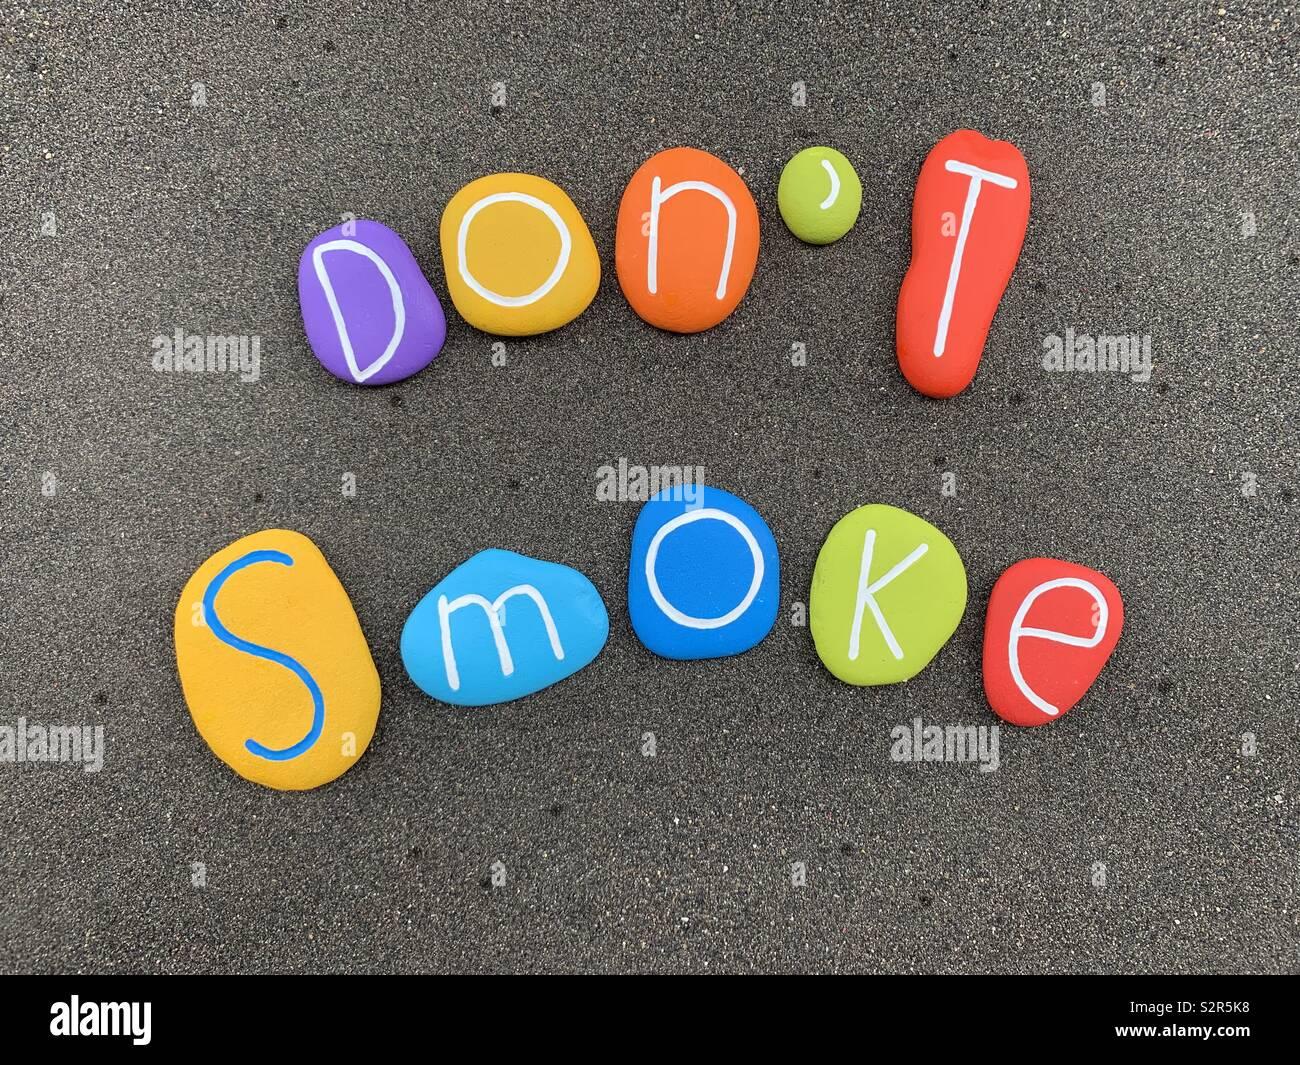 Don't smoke - Stock Image